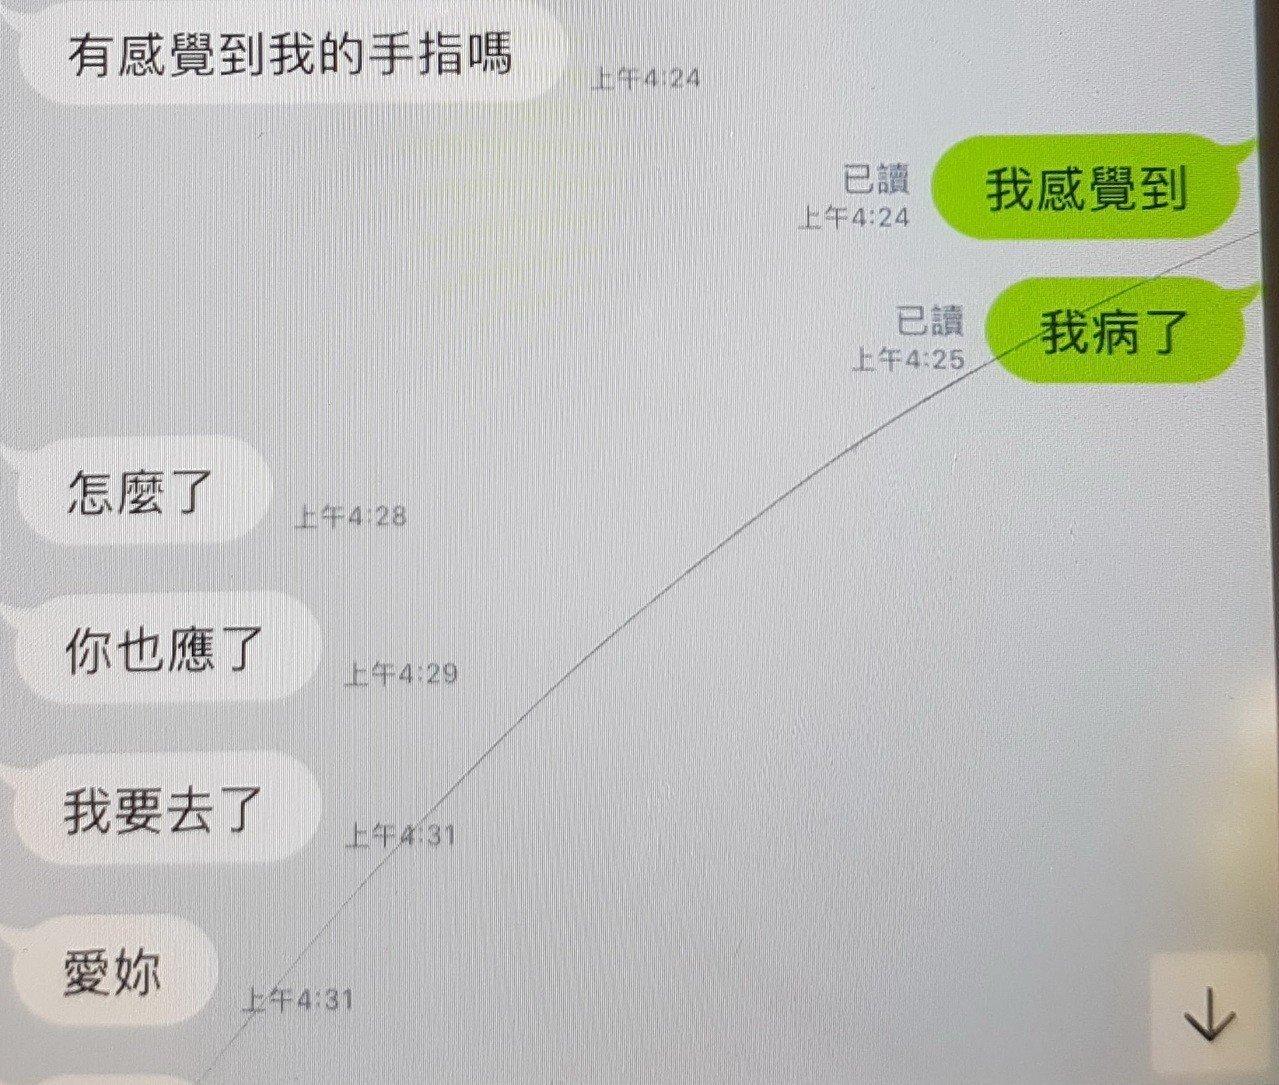 台南校園再傳狼師疑雲,家長出示曖昧LINE截圖對話,教育局調查中。 記者謝進盛/翻攝